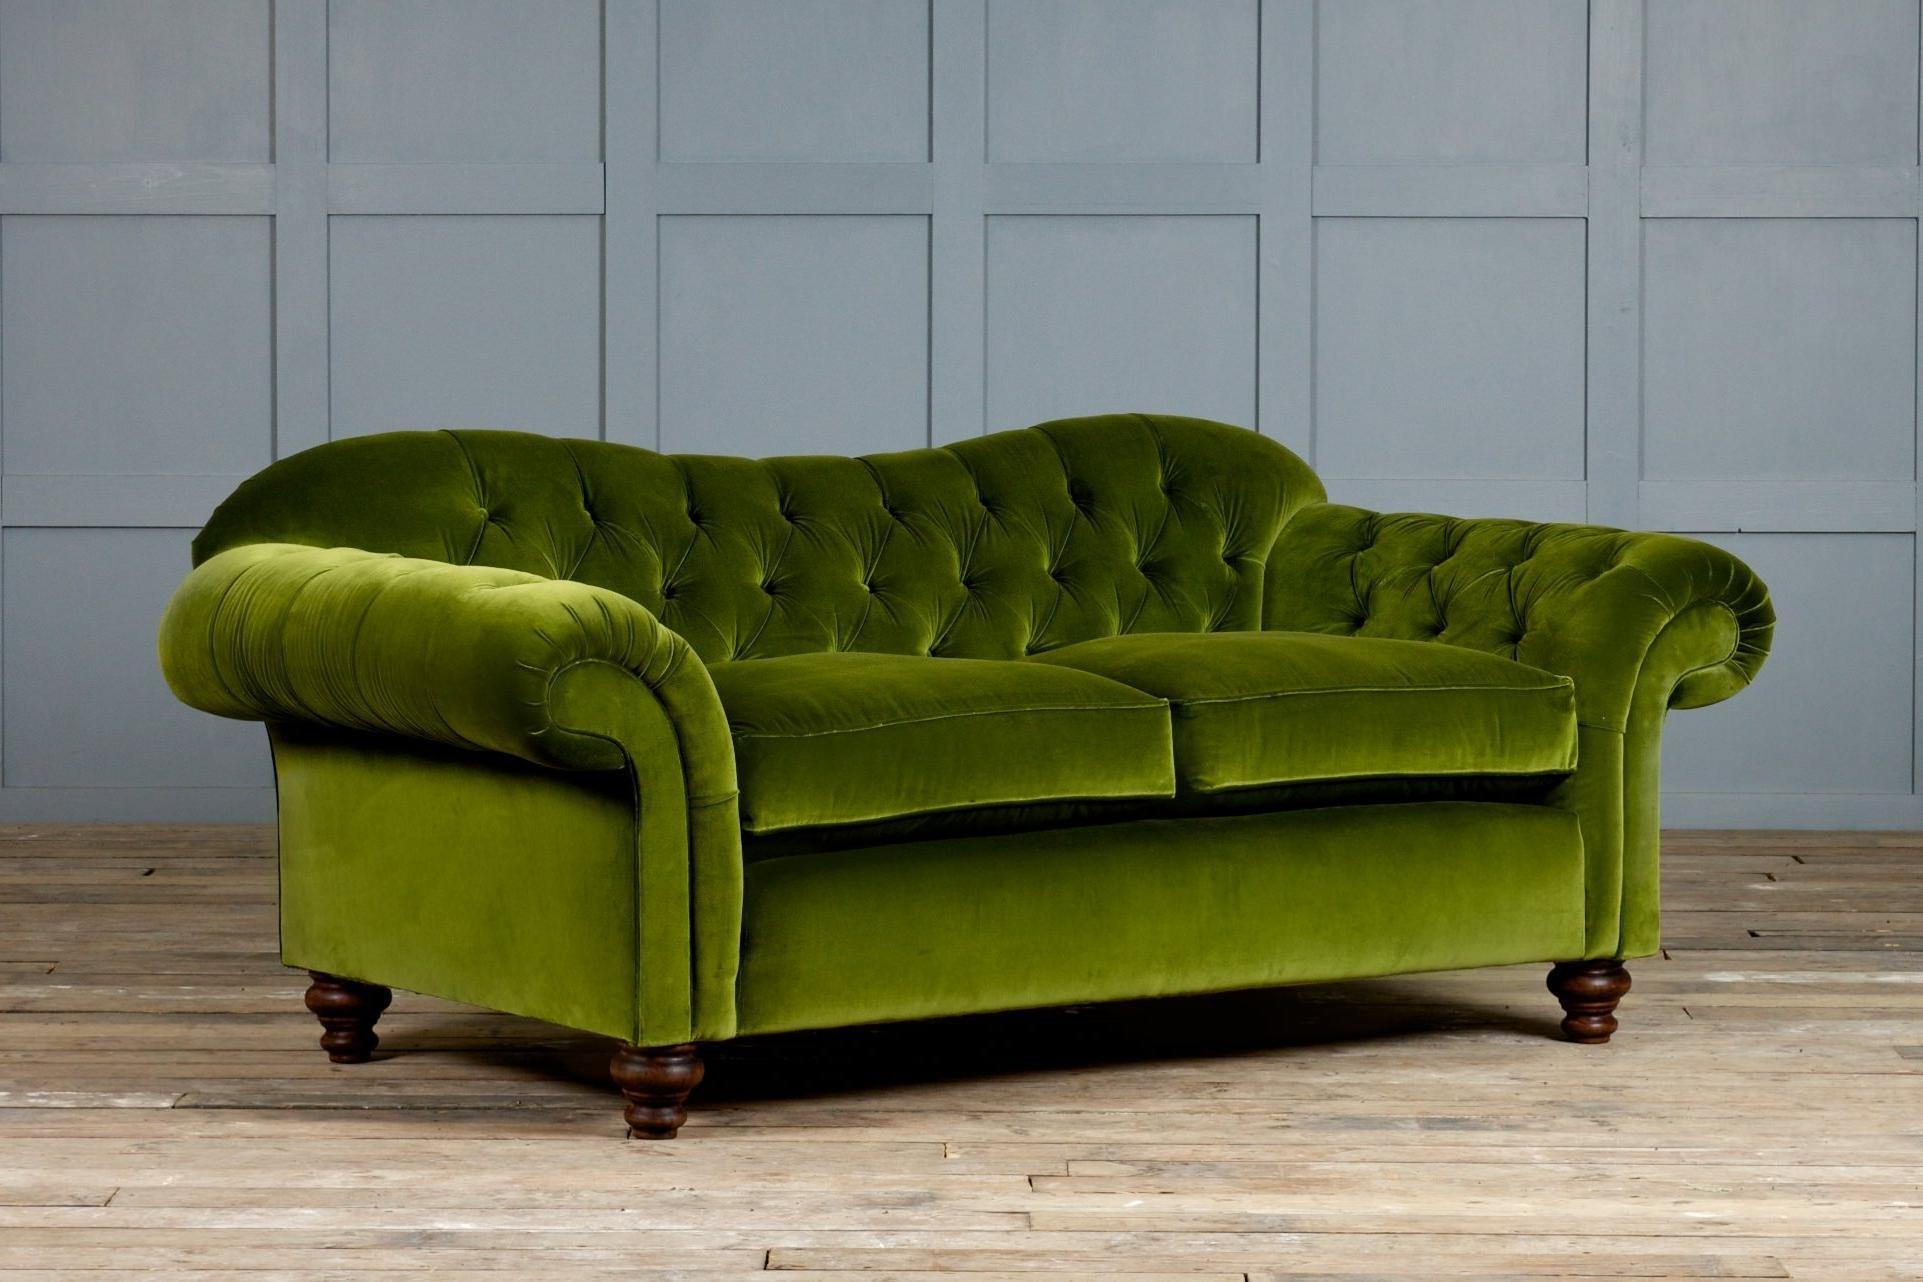 Current Velvet Sectional Sofas In Furniture: Coolest Lime Velvet Sofa House Design Ideas Velvet (View 4 of 20)